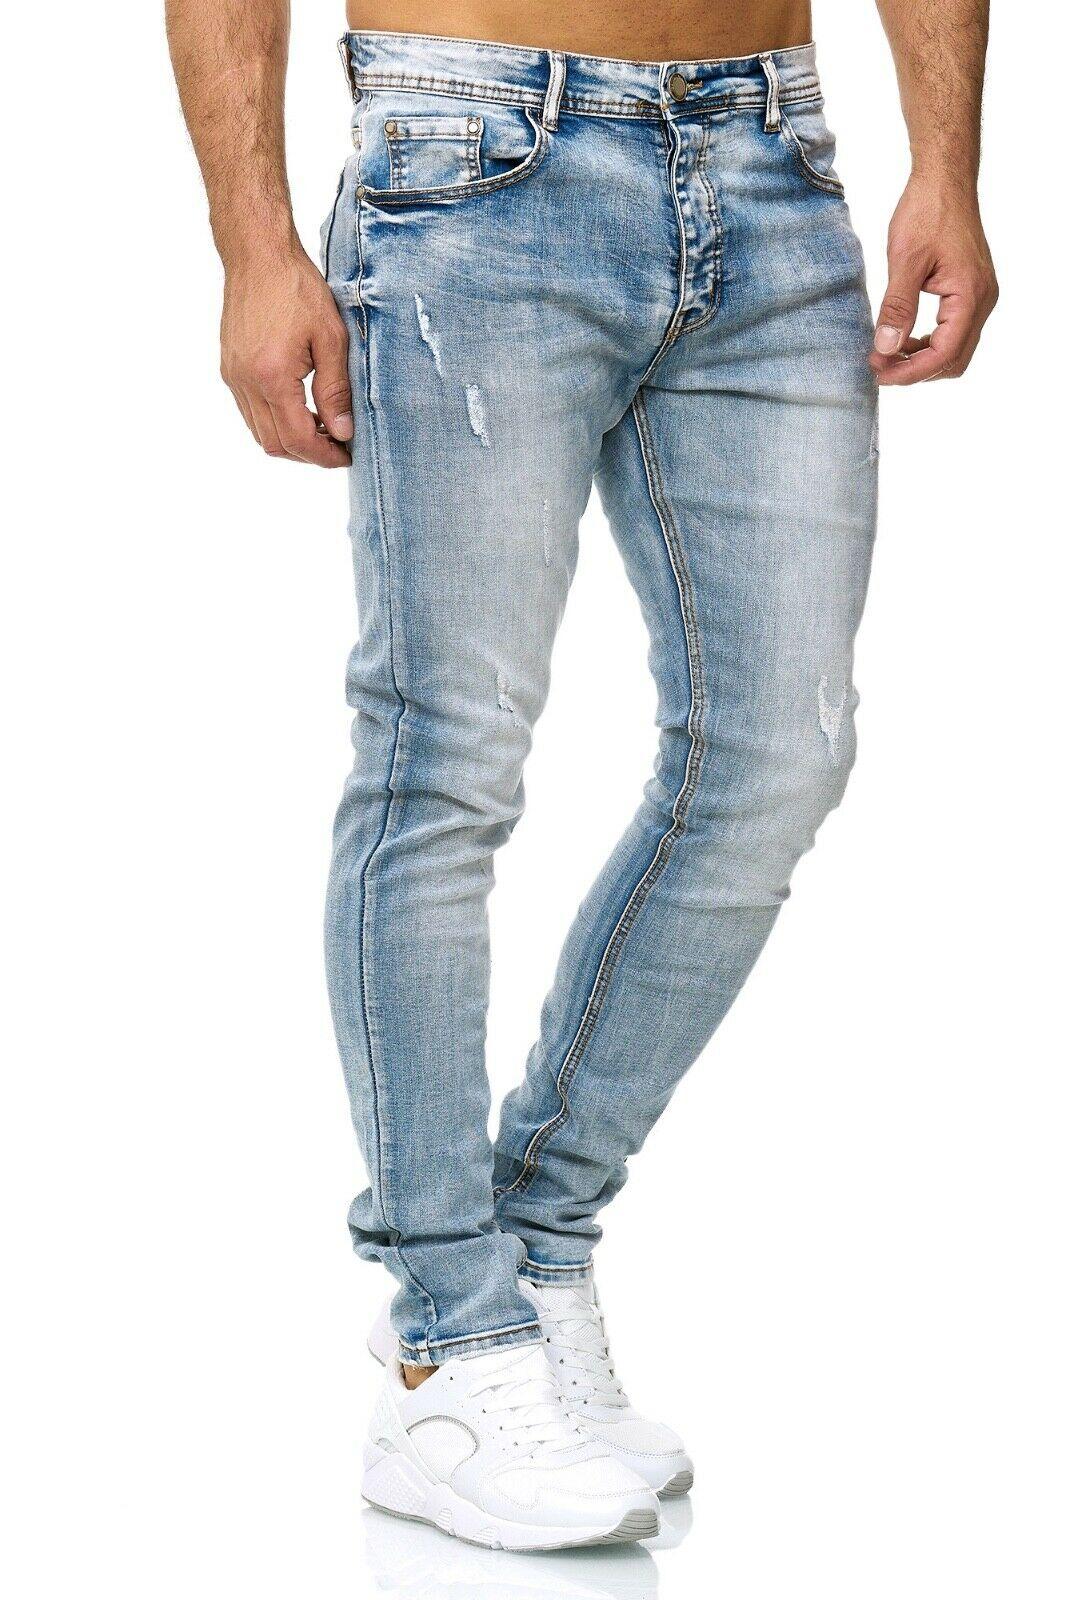 Herren-Jeanshosen-Stretch-Hose-Slim-fit-SKINNY-Jeans-Blau-Schwarz-Grau-Weiss Indexbild 62